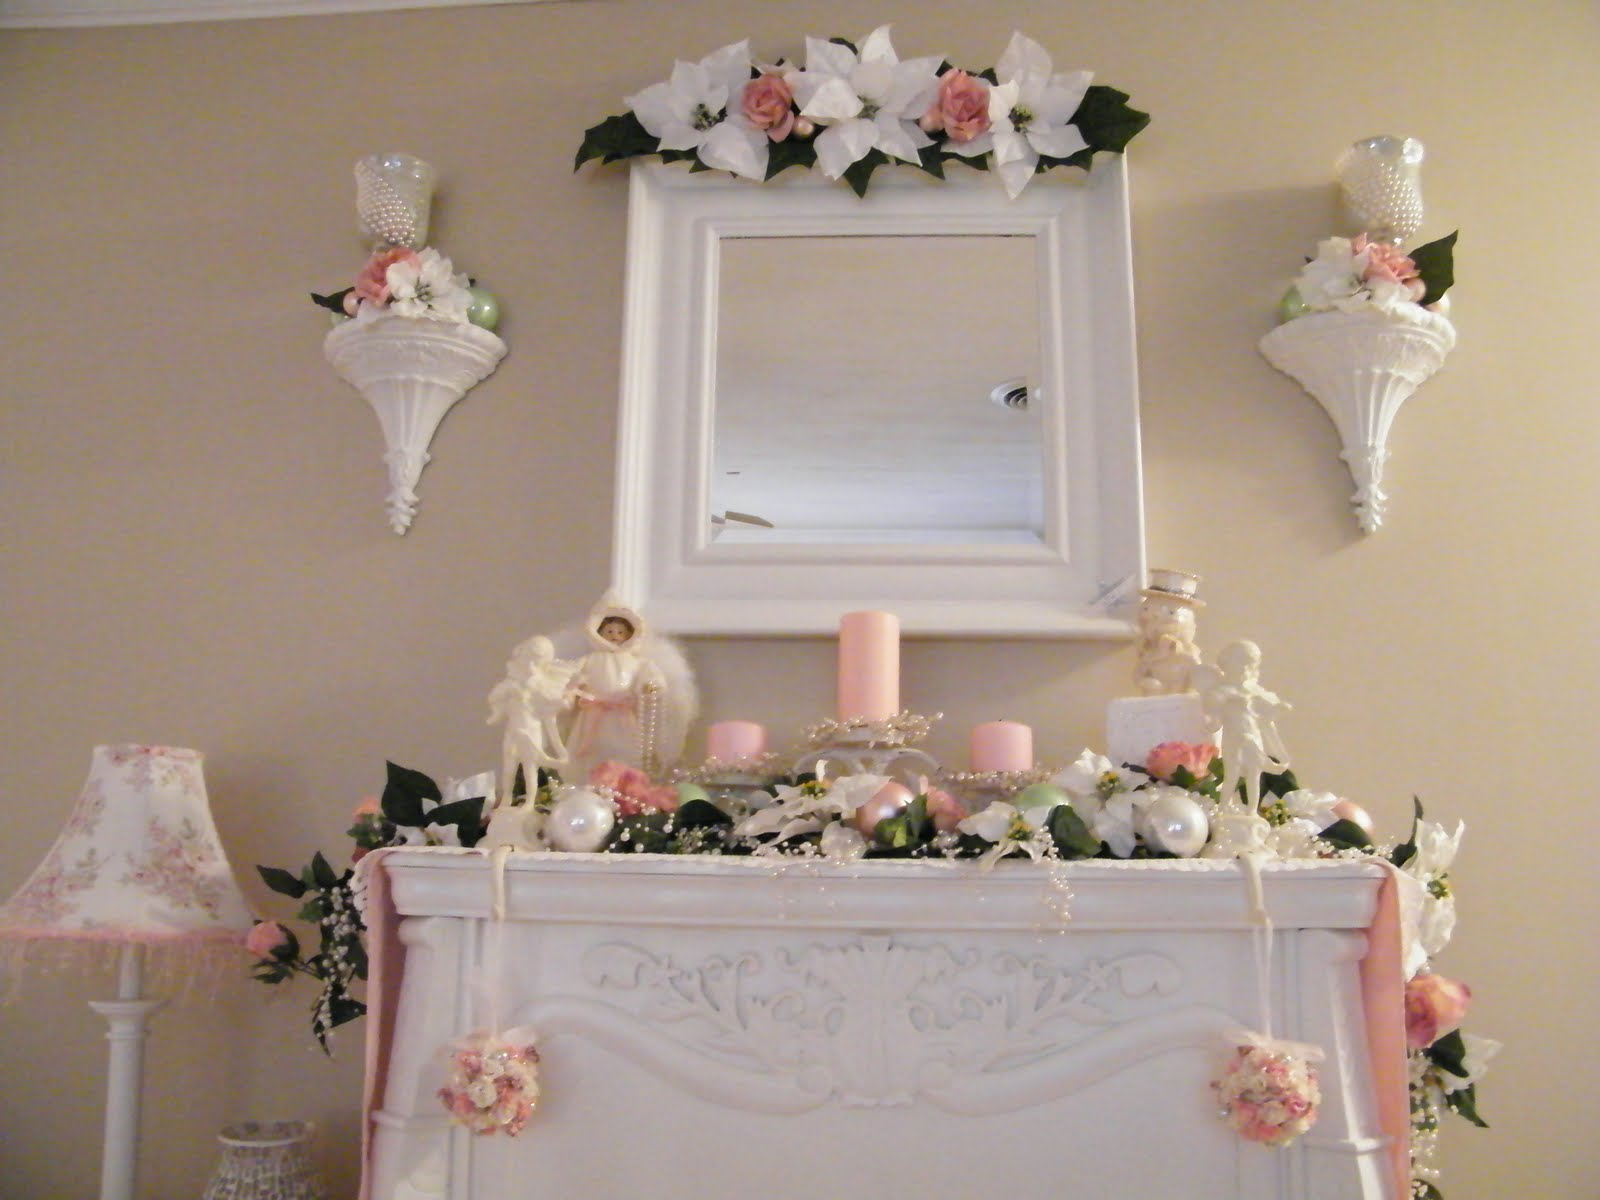 http://2.bp.blogspot.com/_IZYkocO50KY/TCYiIxPajKI/AAAAAAAAAQI/Buj03oki1BE/s1600/Christmas+2009+038.JPG